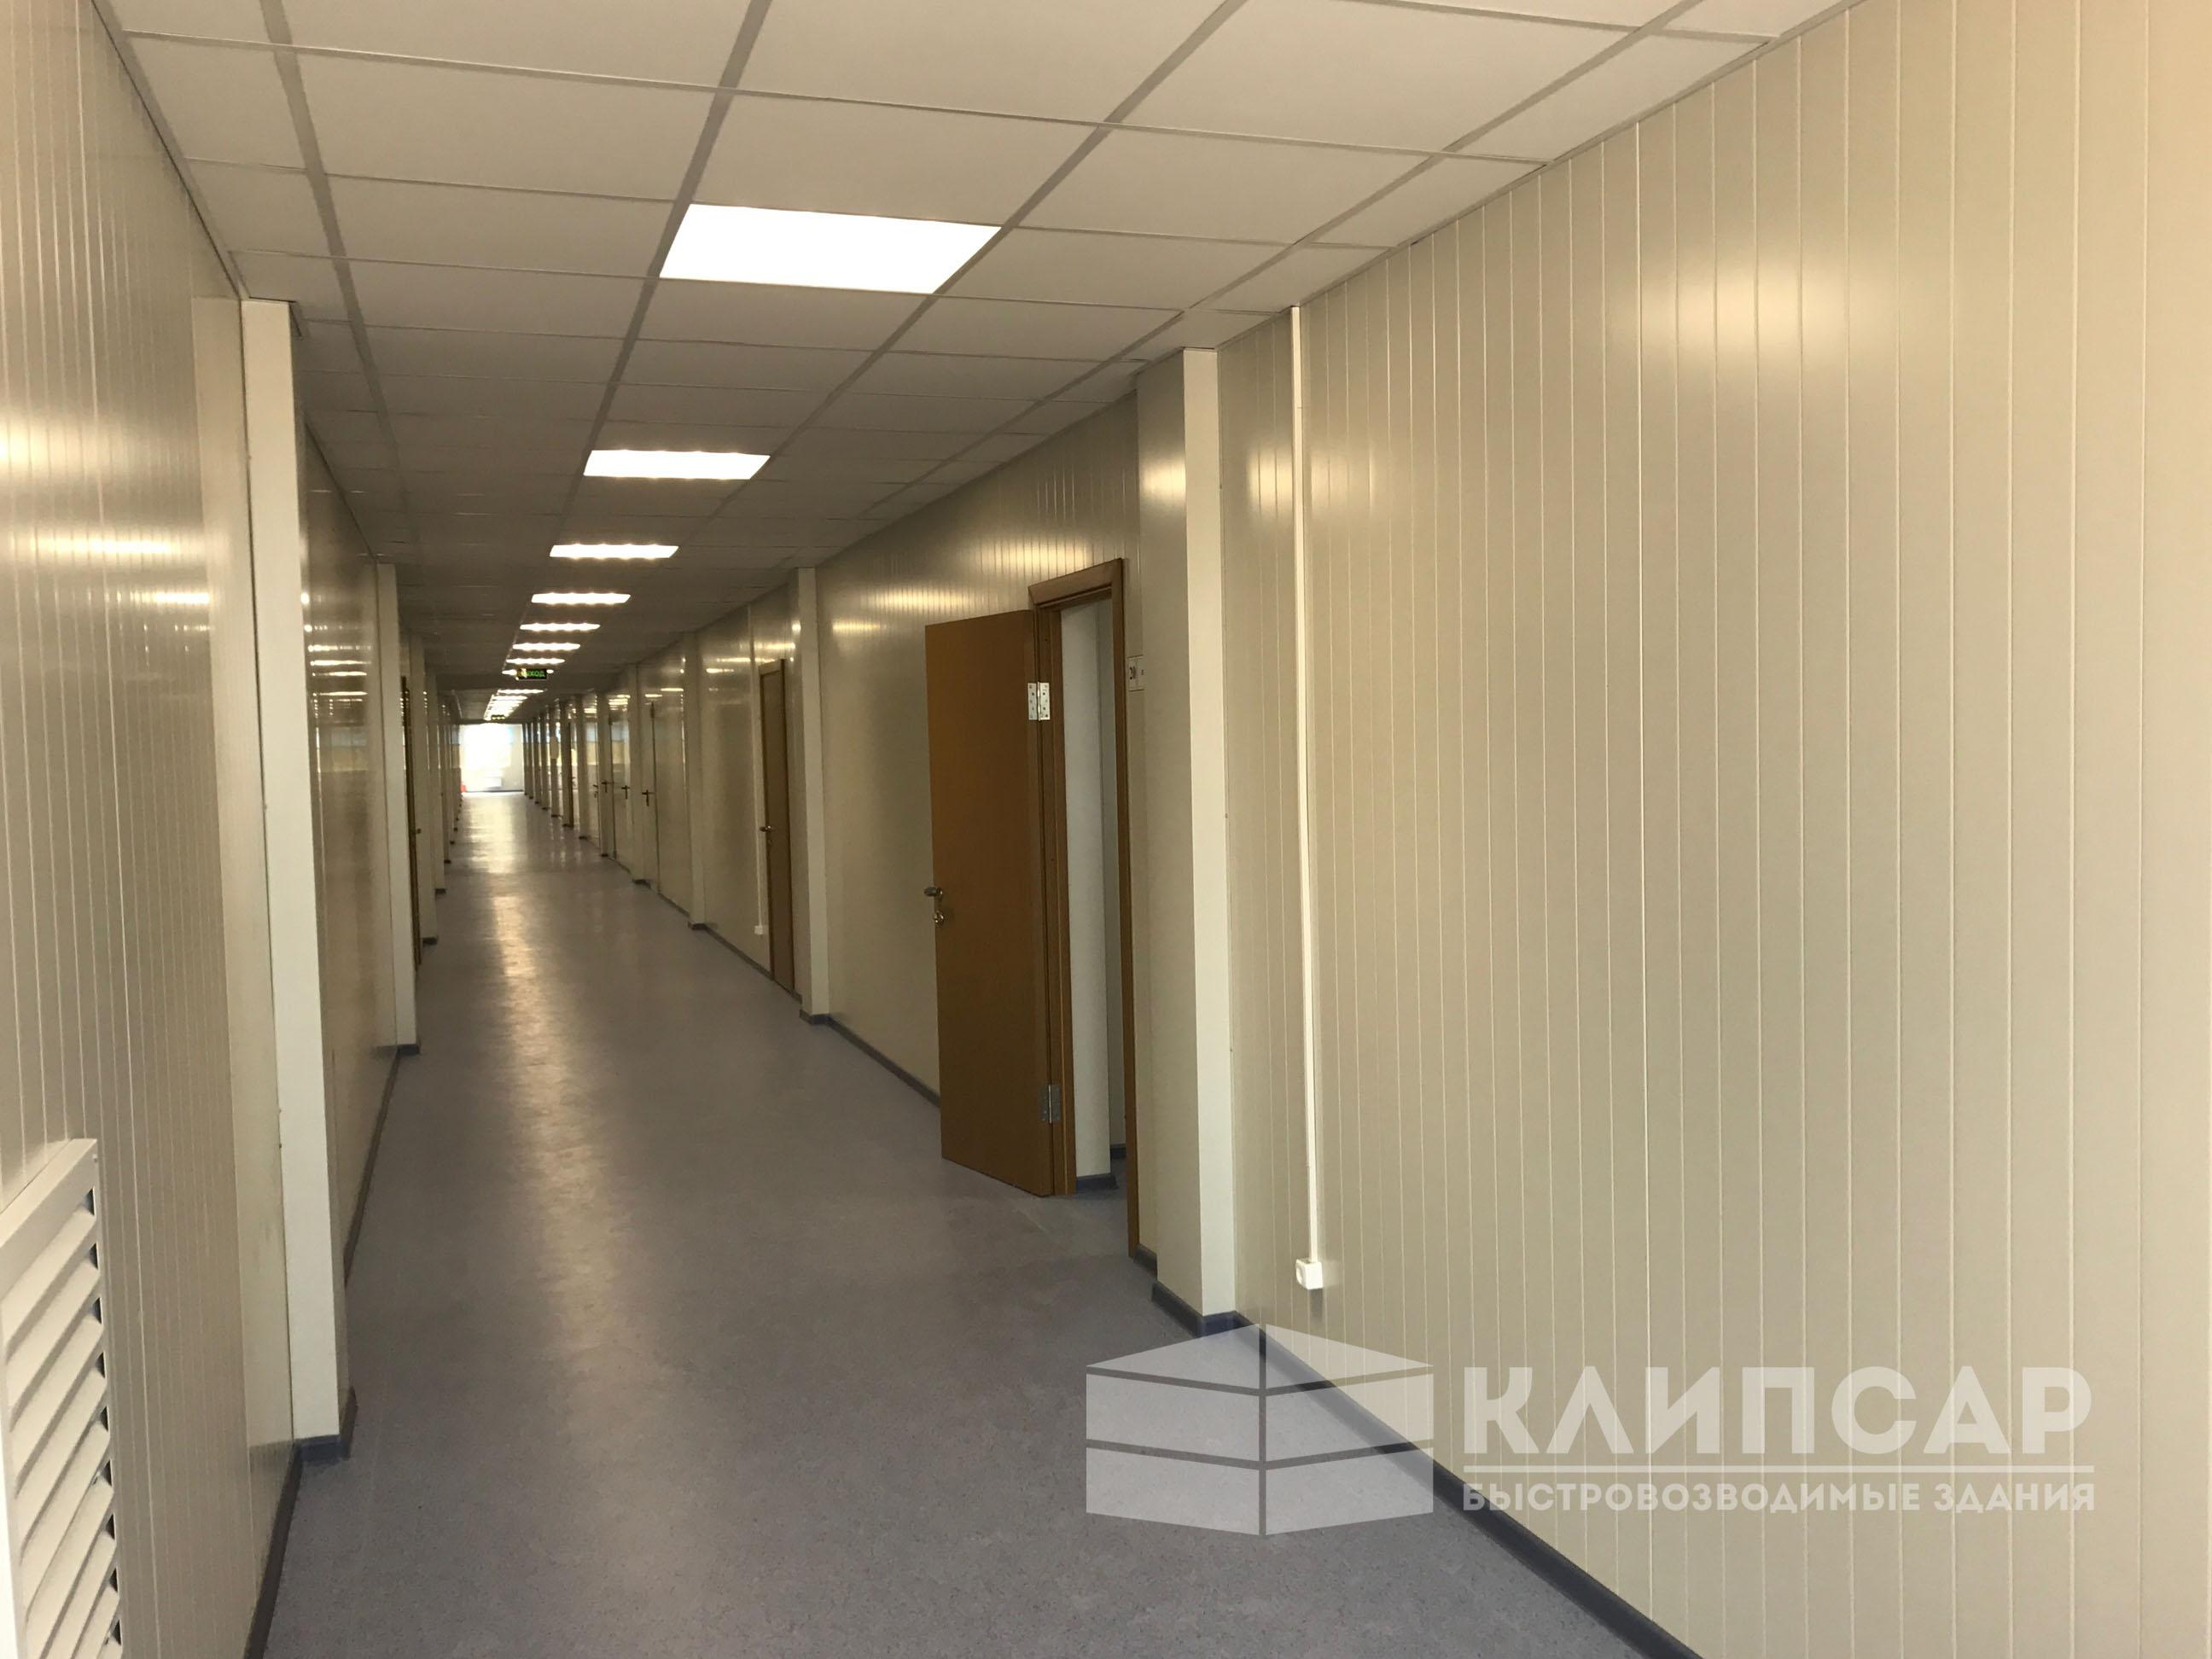 koridor_modylnogo_zdanya